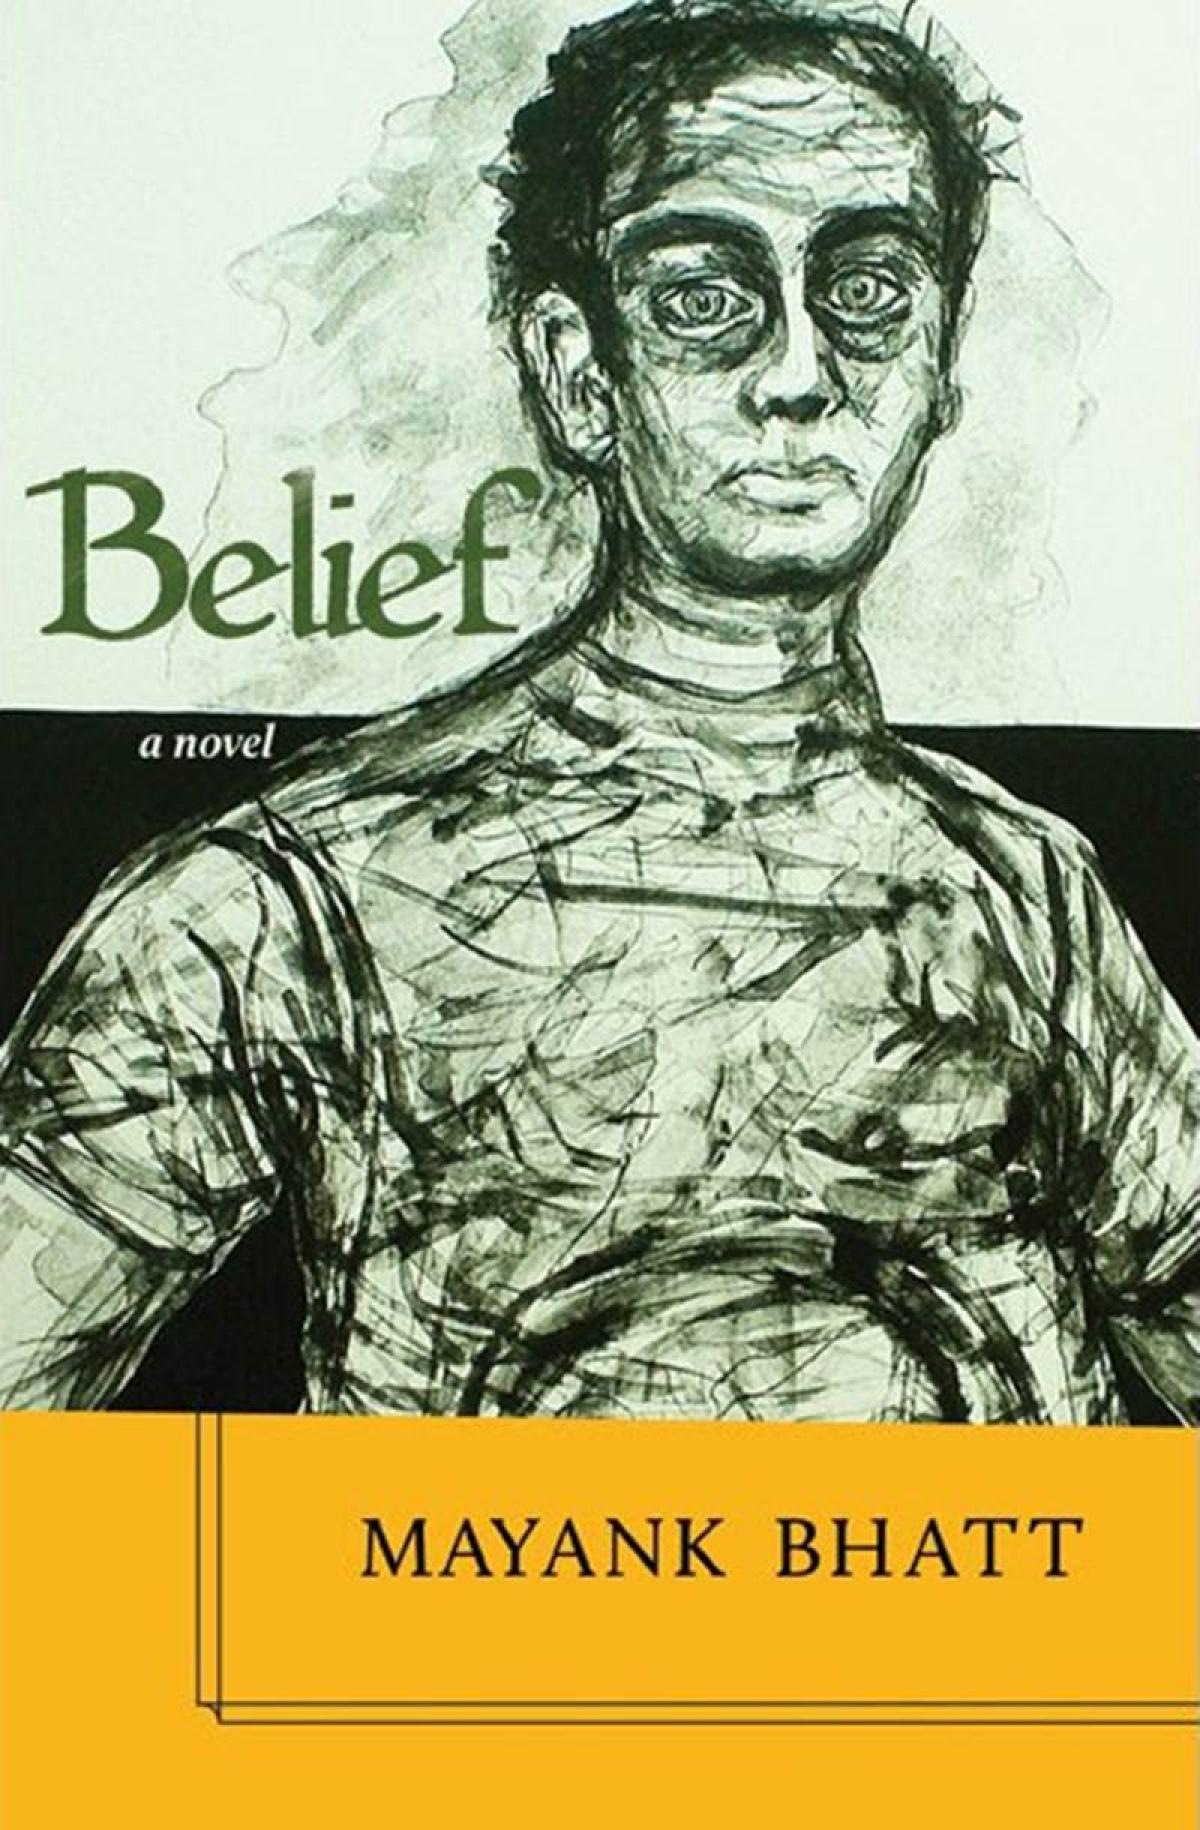 Belief- Review